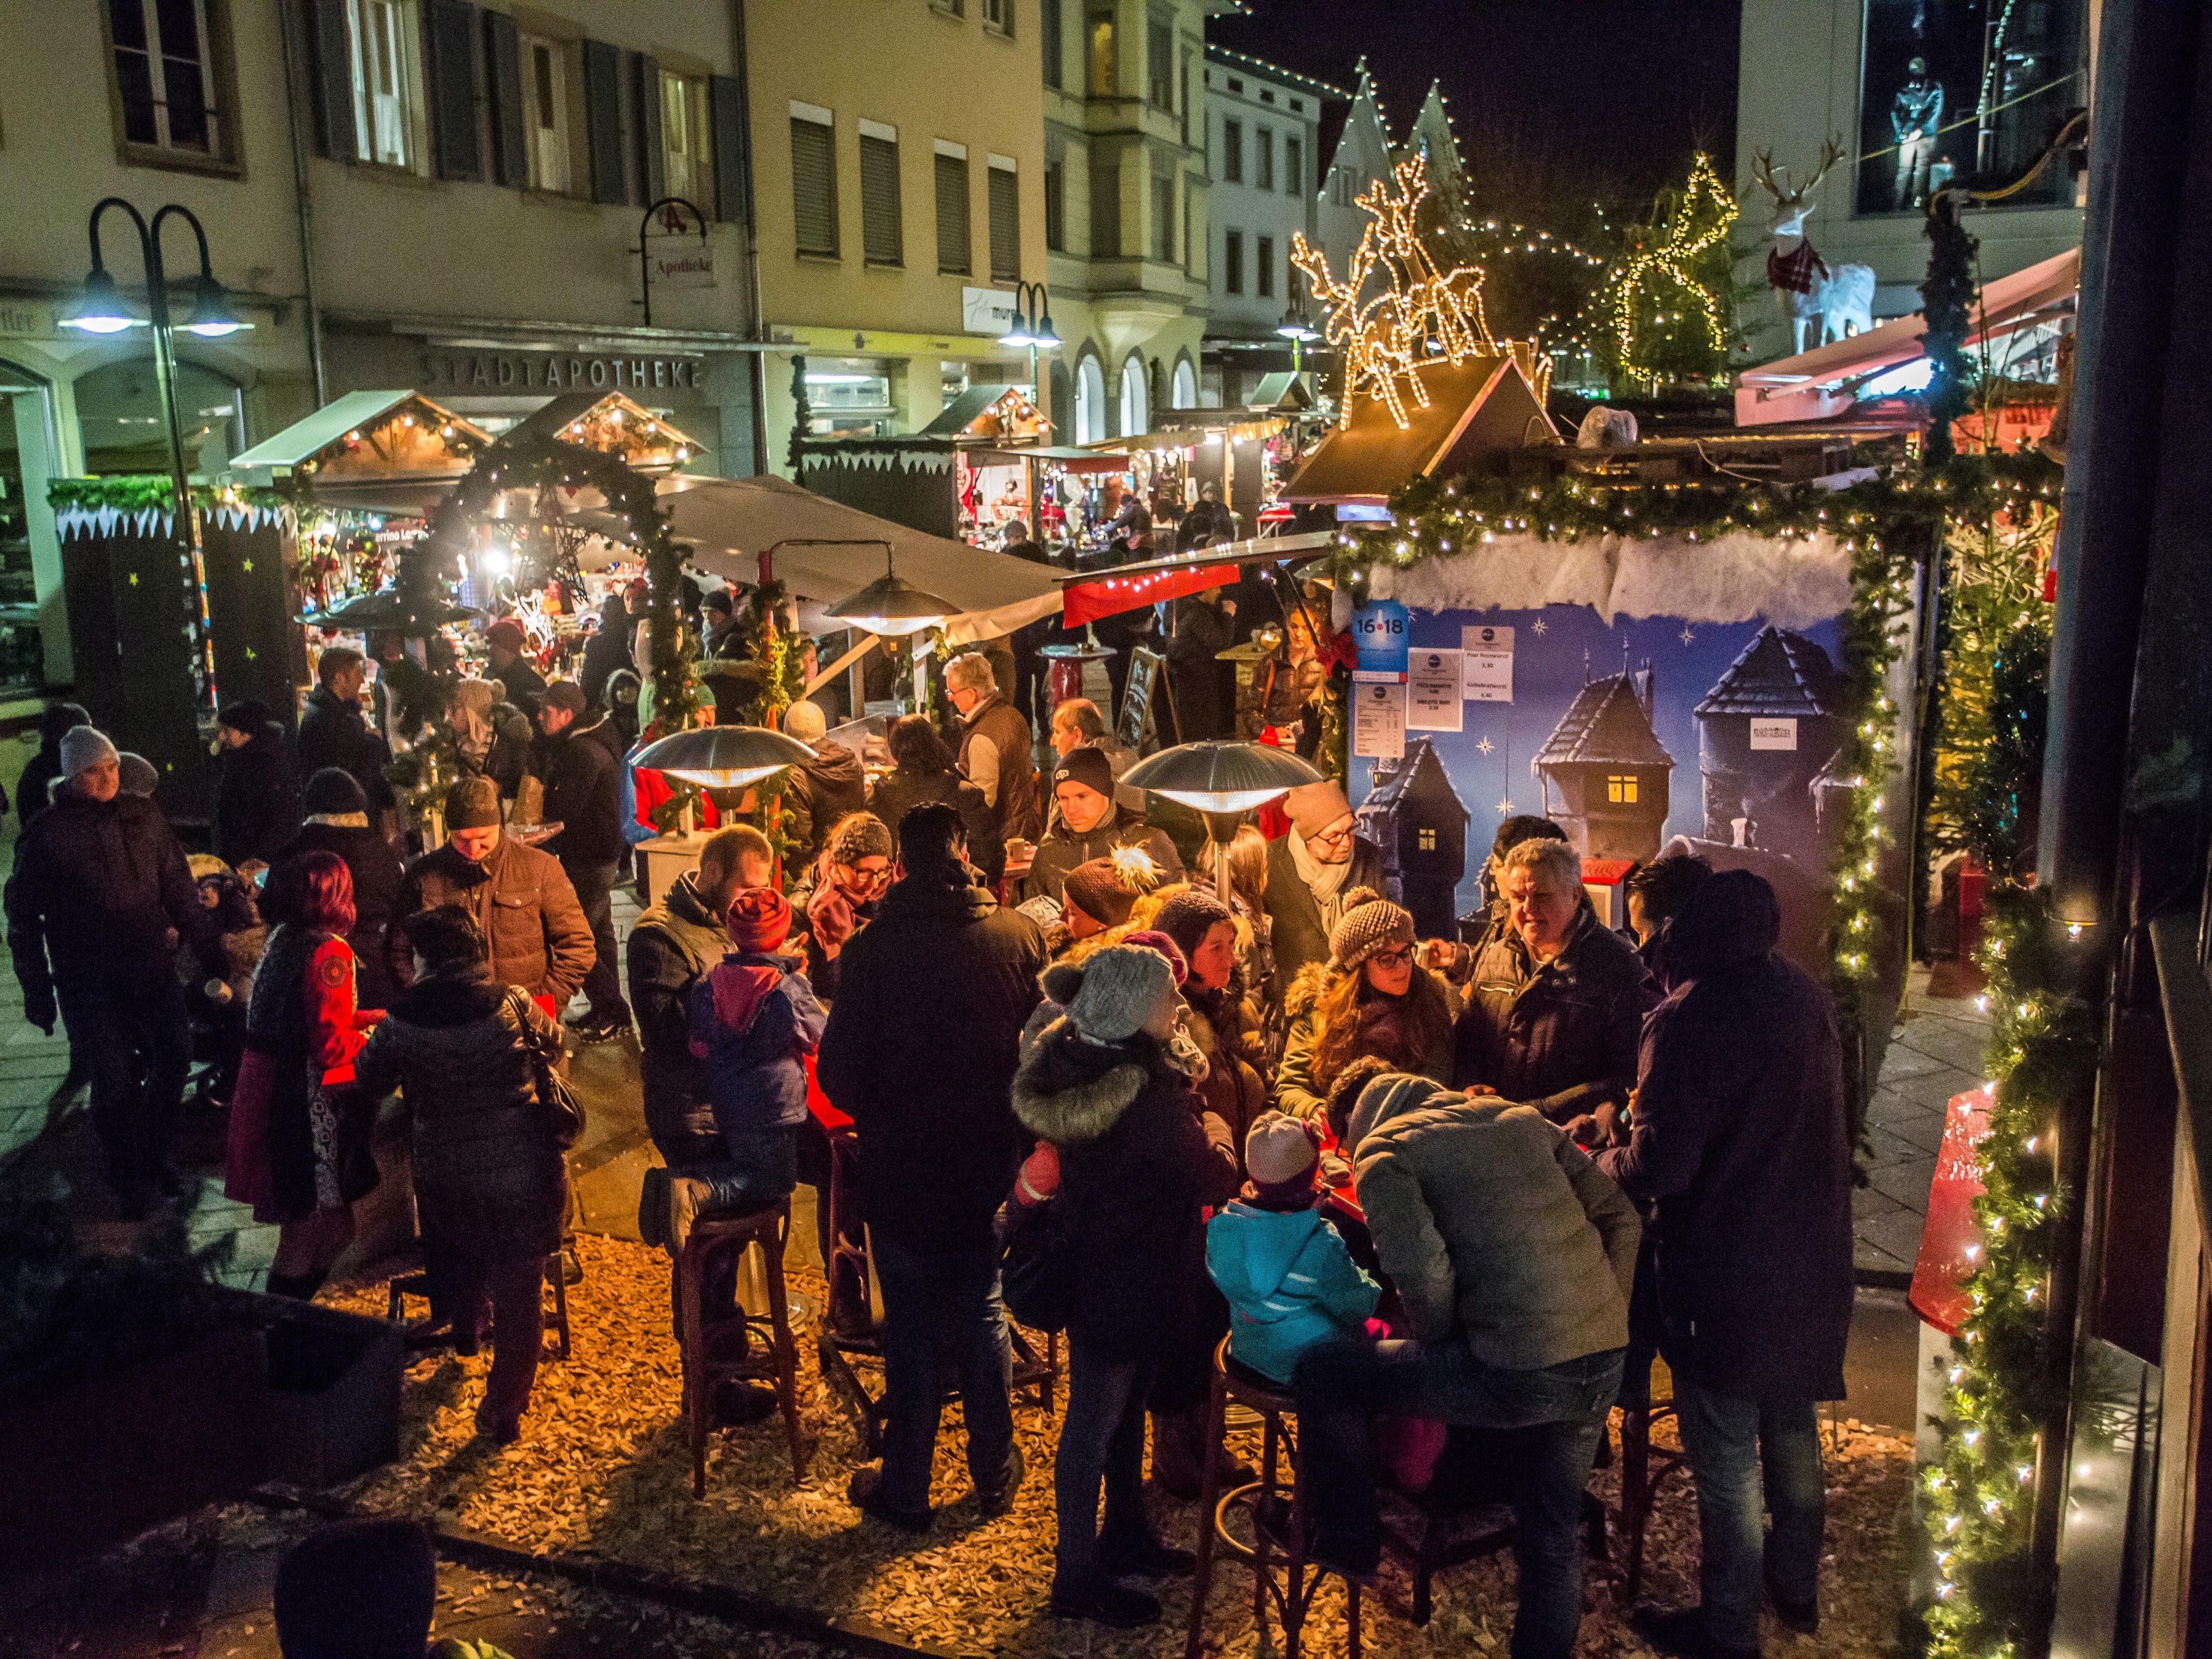 Der Weihnachtsmarkt in Dornbirn bietet ein abwechslungsreiches Programm.